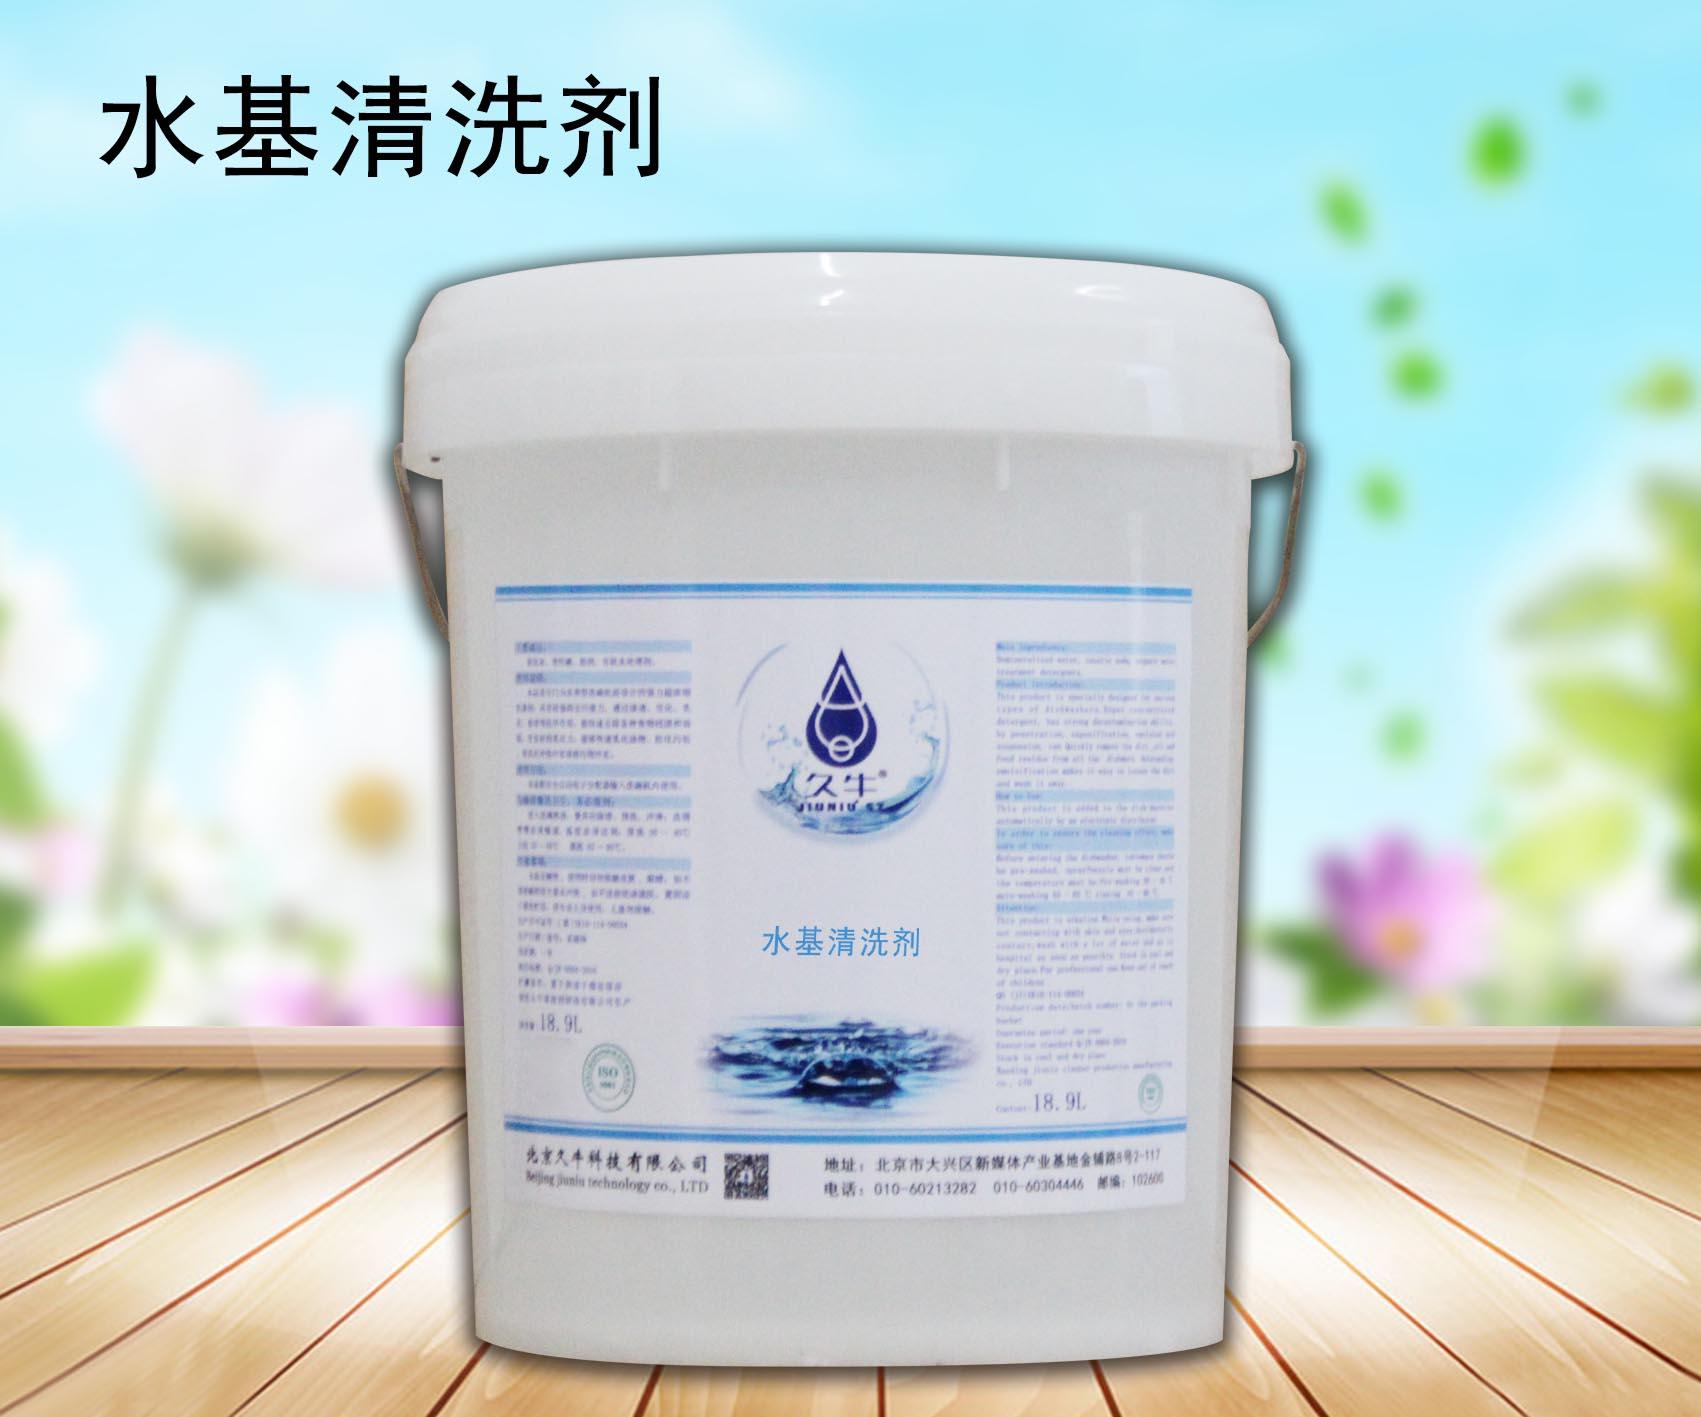 久牛工业水基清洗剂